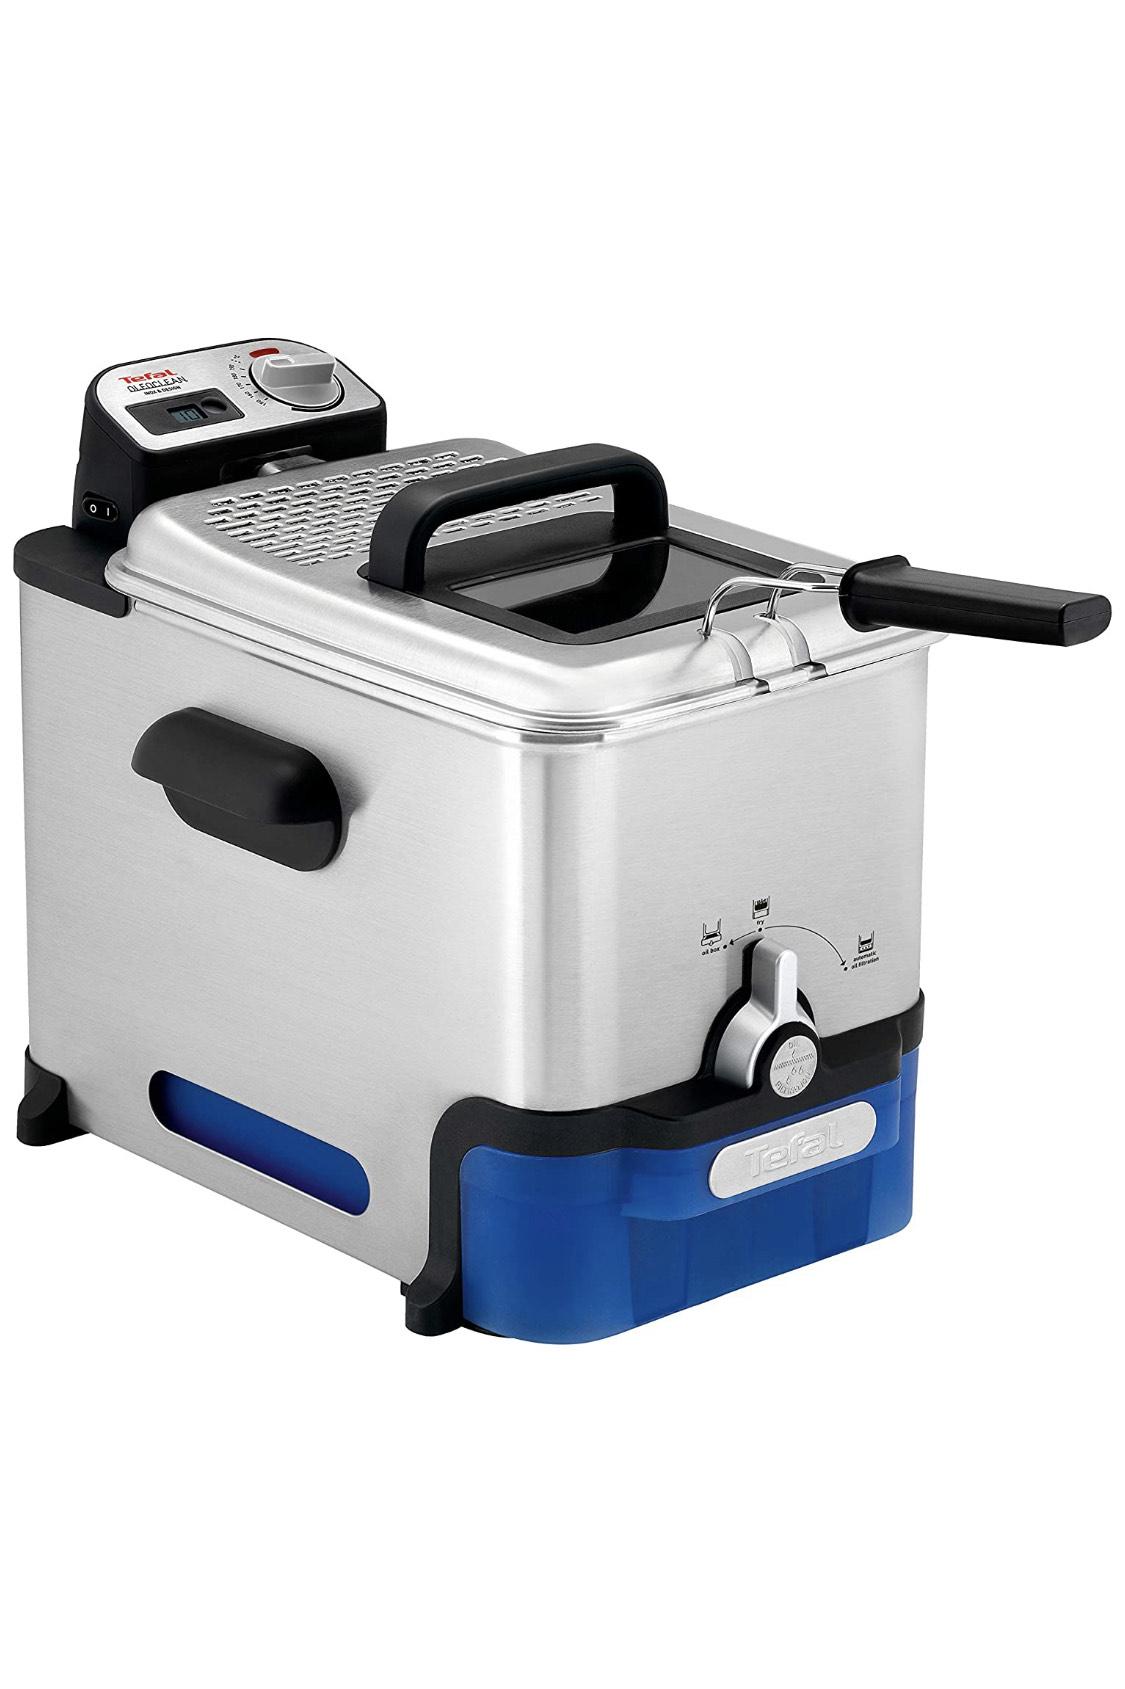 Tefal Oleoclean Pro Fryer FR804040 - £76.99 delivered @ Costco